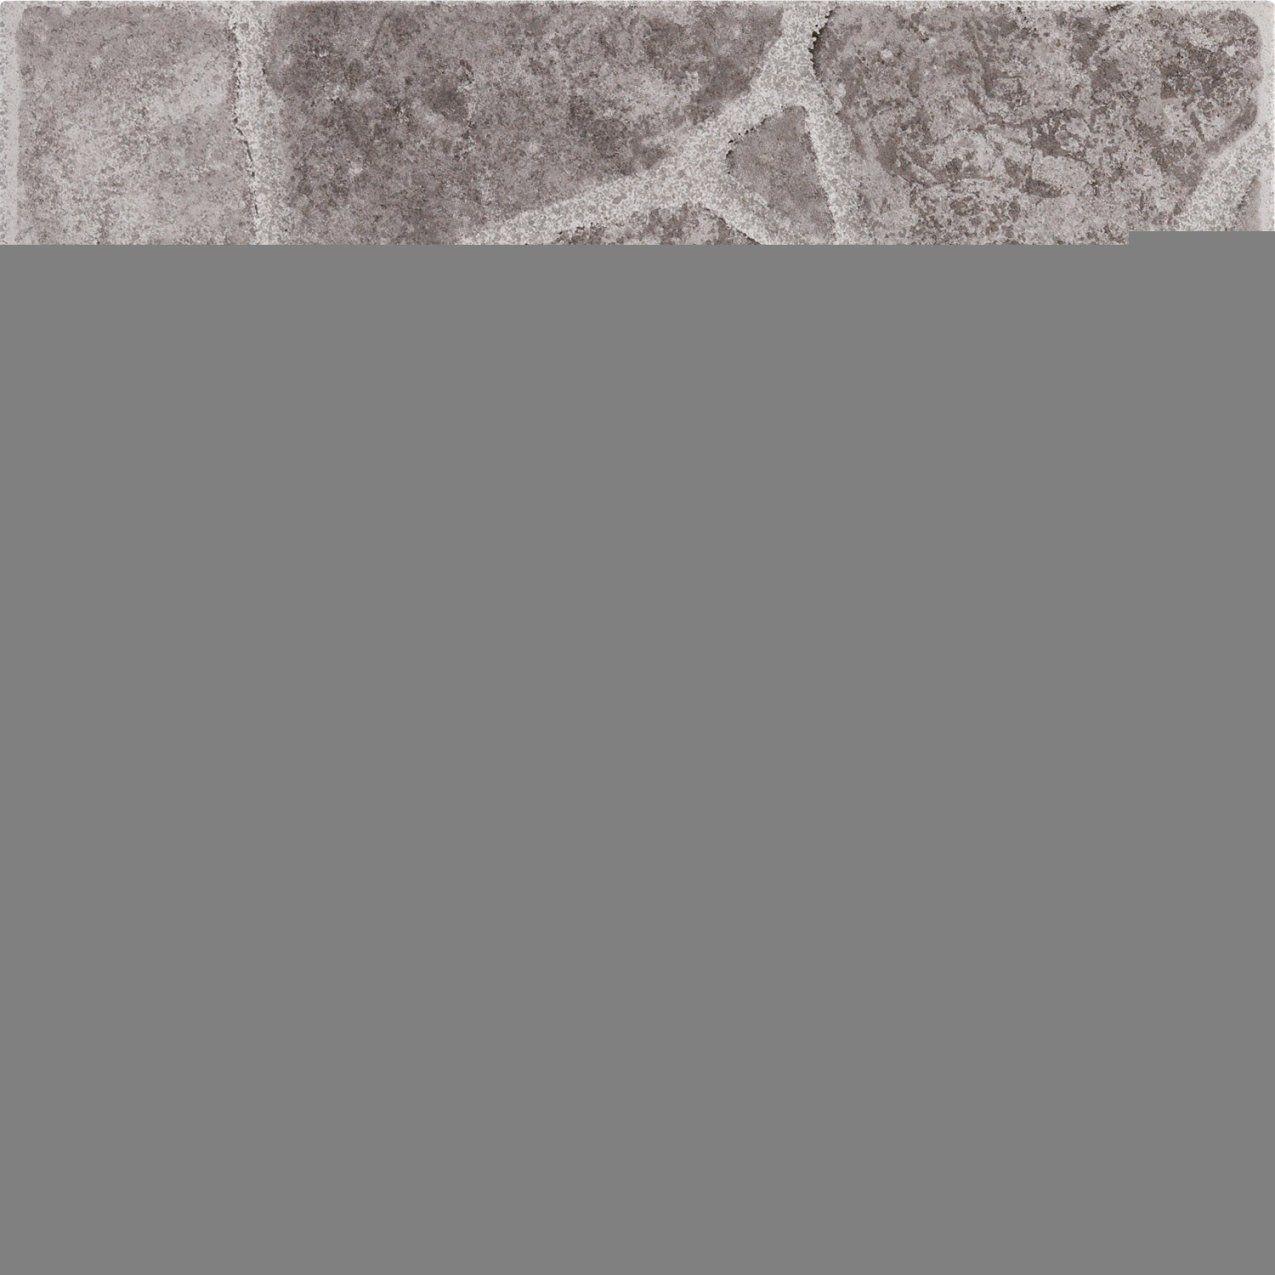 Bodenfliesen Online Kaufen Bei Obi von Fliesen Angebote Bei Obi Bild